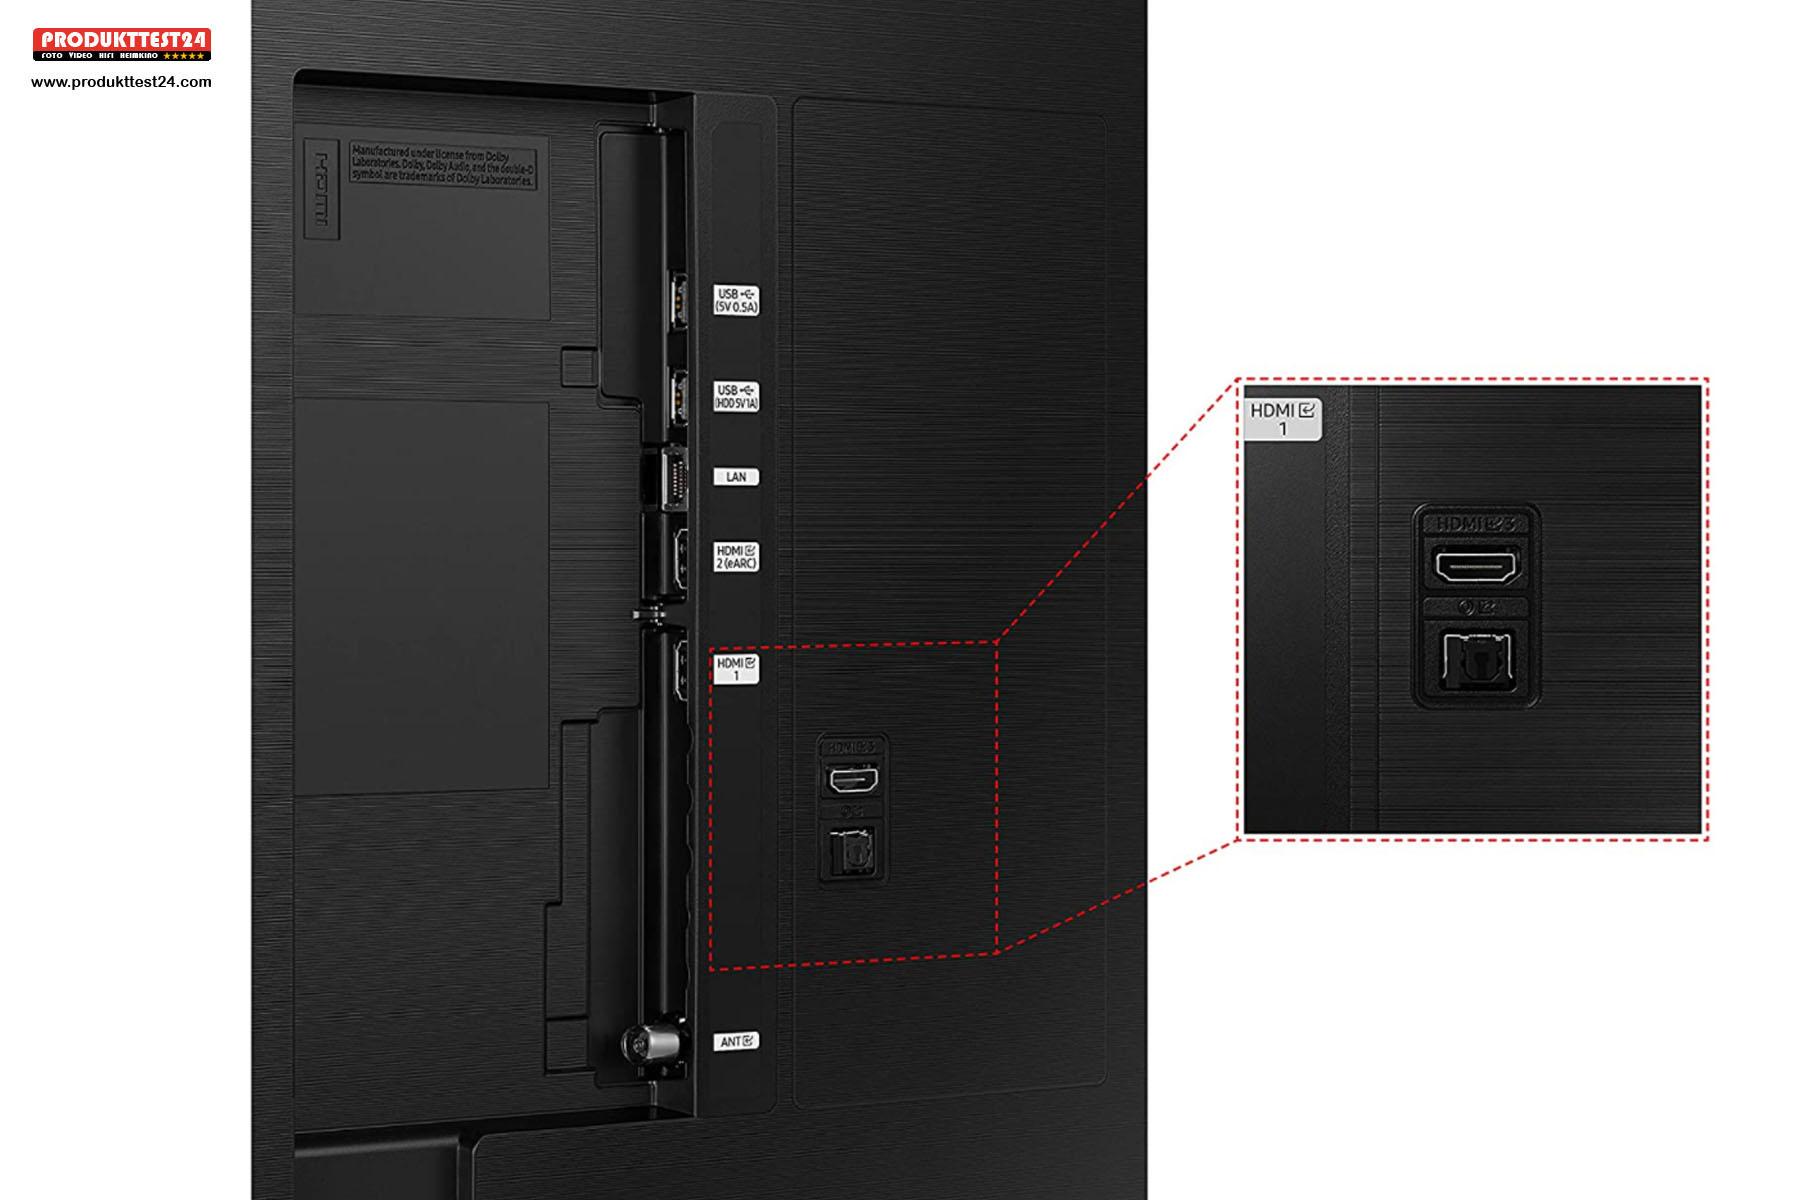 Anschlüsse auf der Rückseite des Samsung GU50AU8079